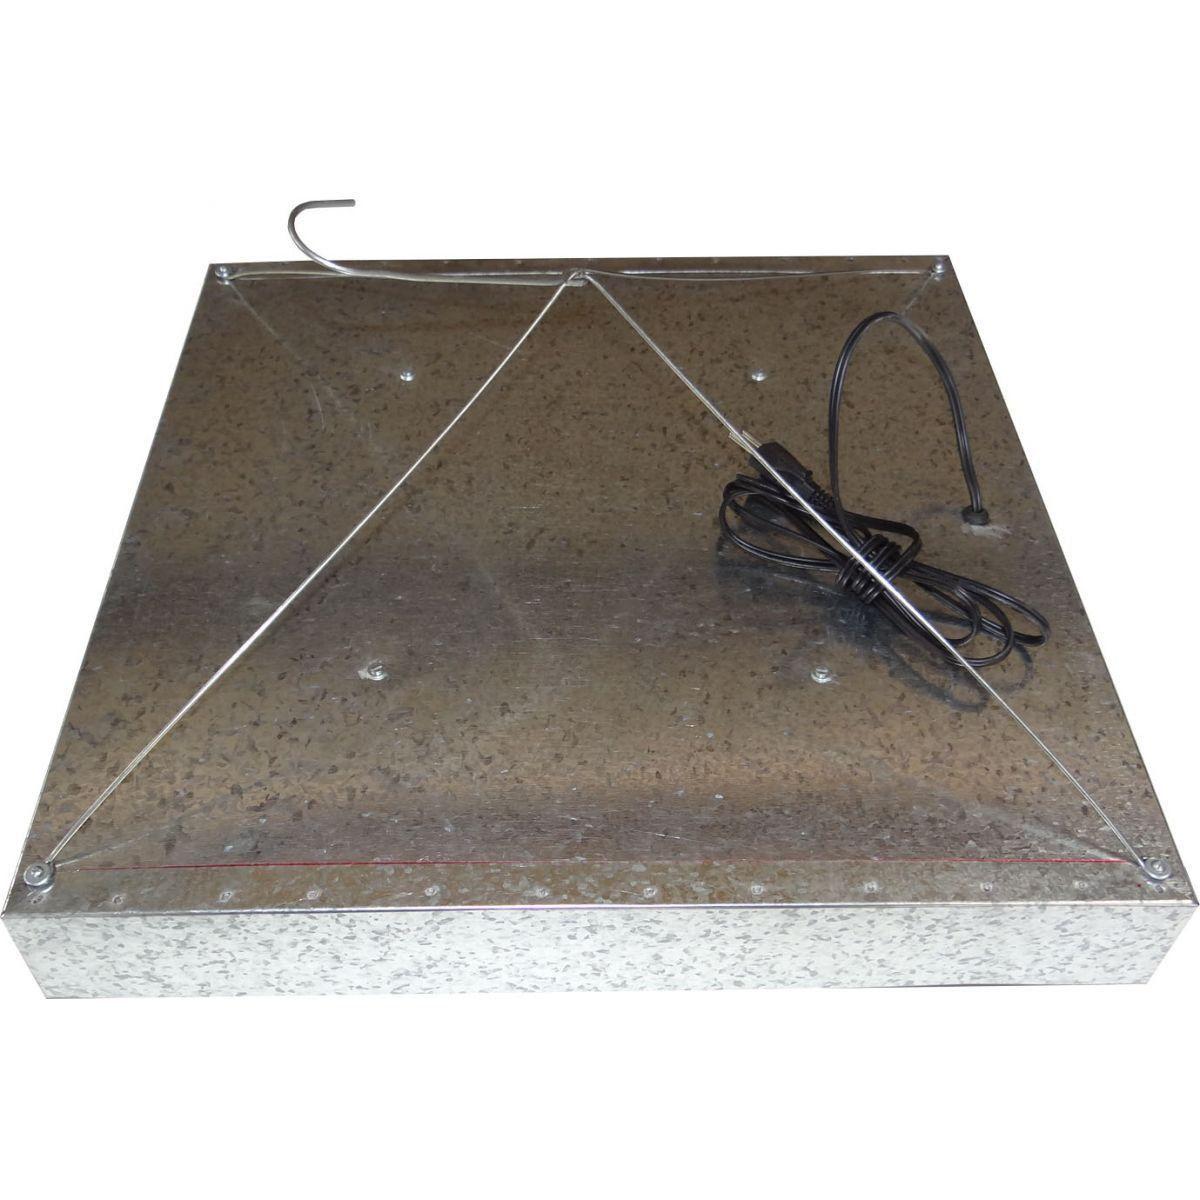 Campânula elétrica para aquecimento de pintinhos 300W